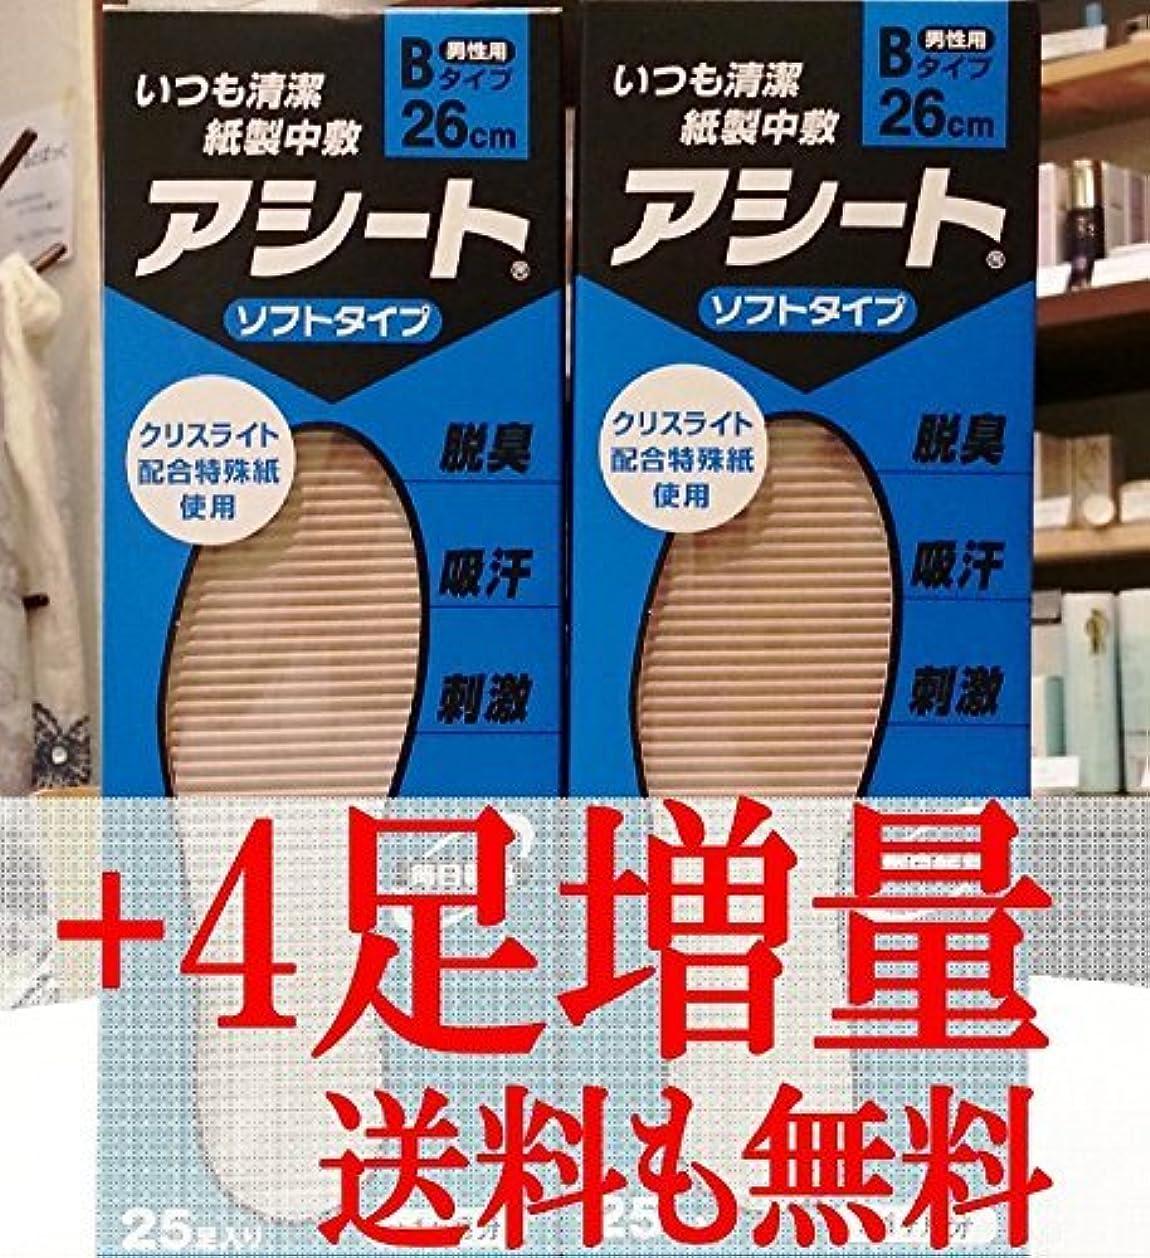 レンチ意見意味のあるアシートB 25足入2箱セット+4足増量中(26cm)